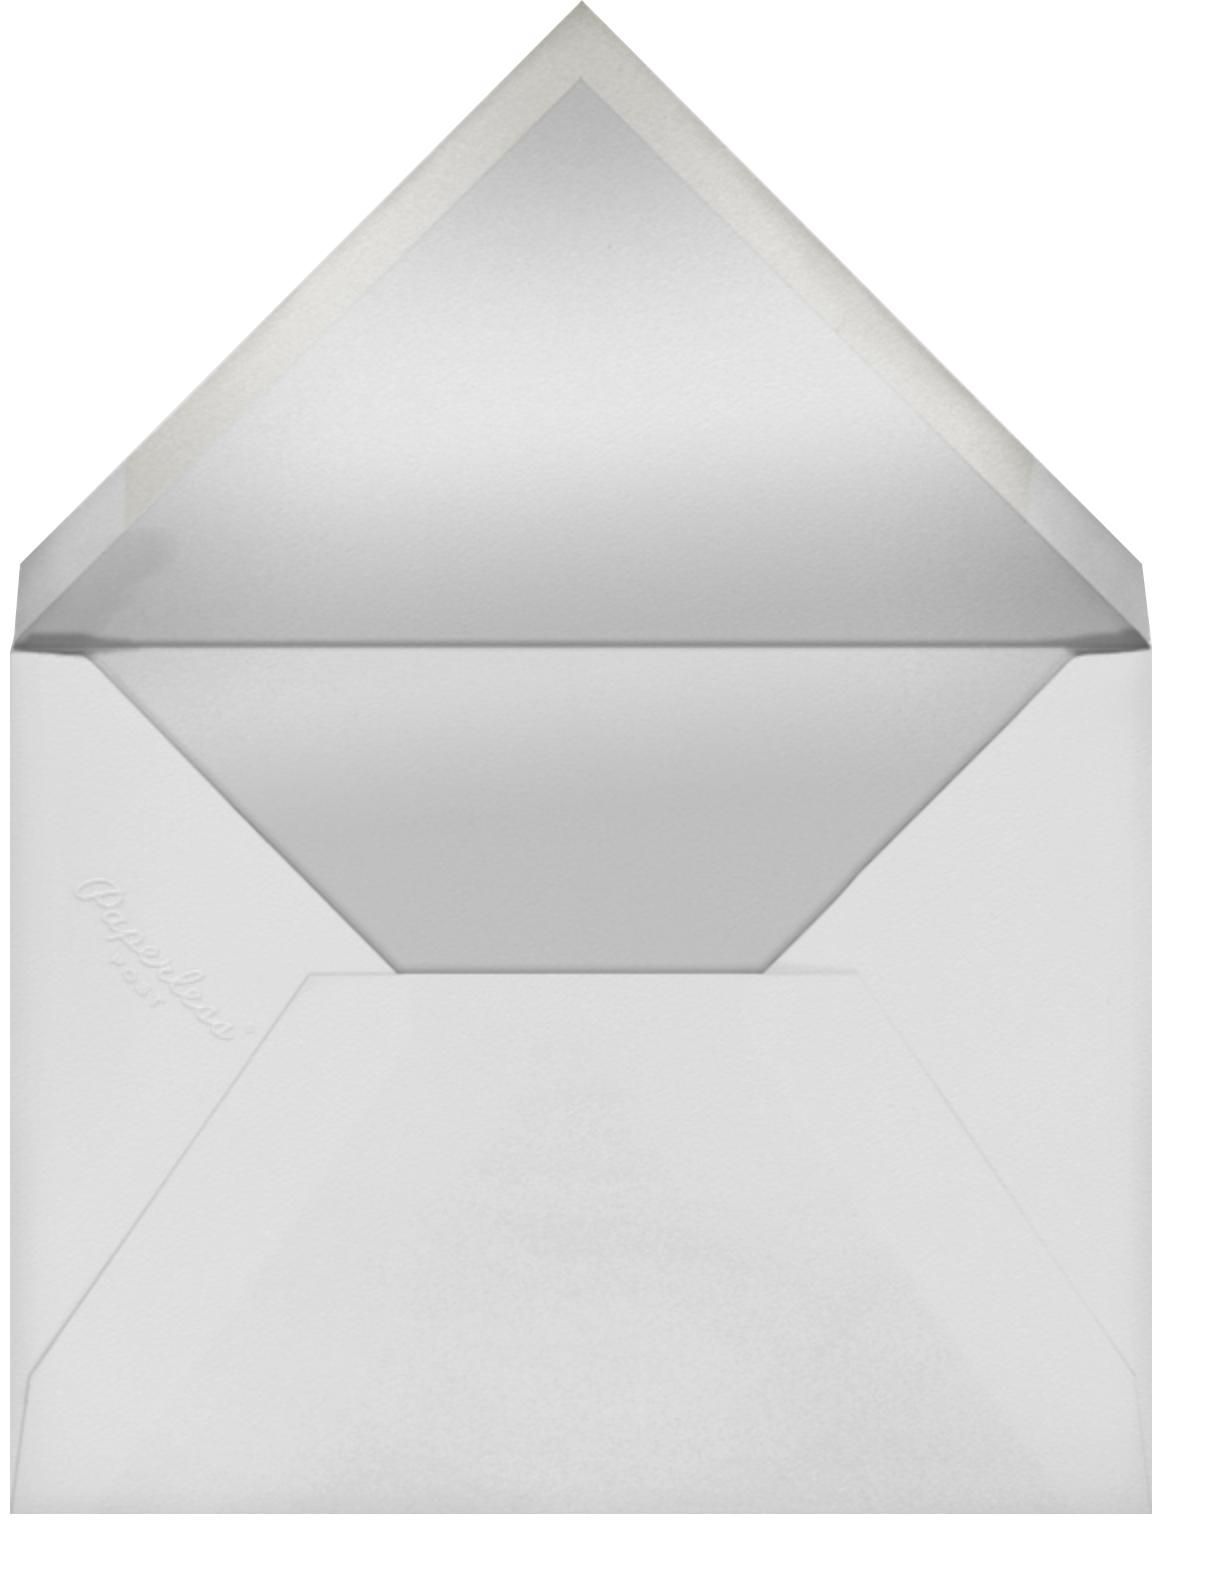 Ette - Pavlova - Paperless Post - Engagement party - envelope back